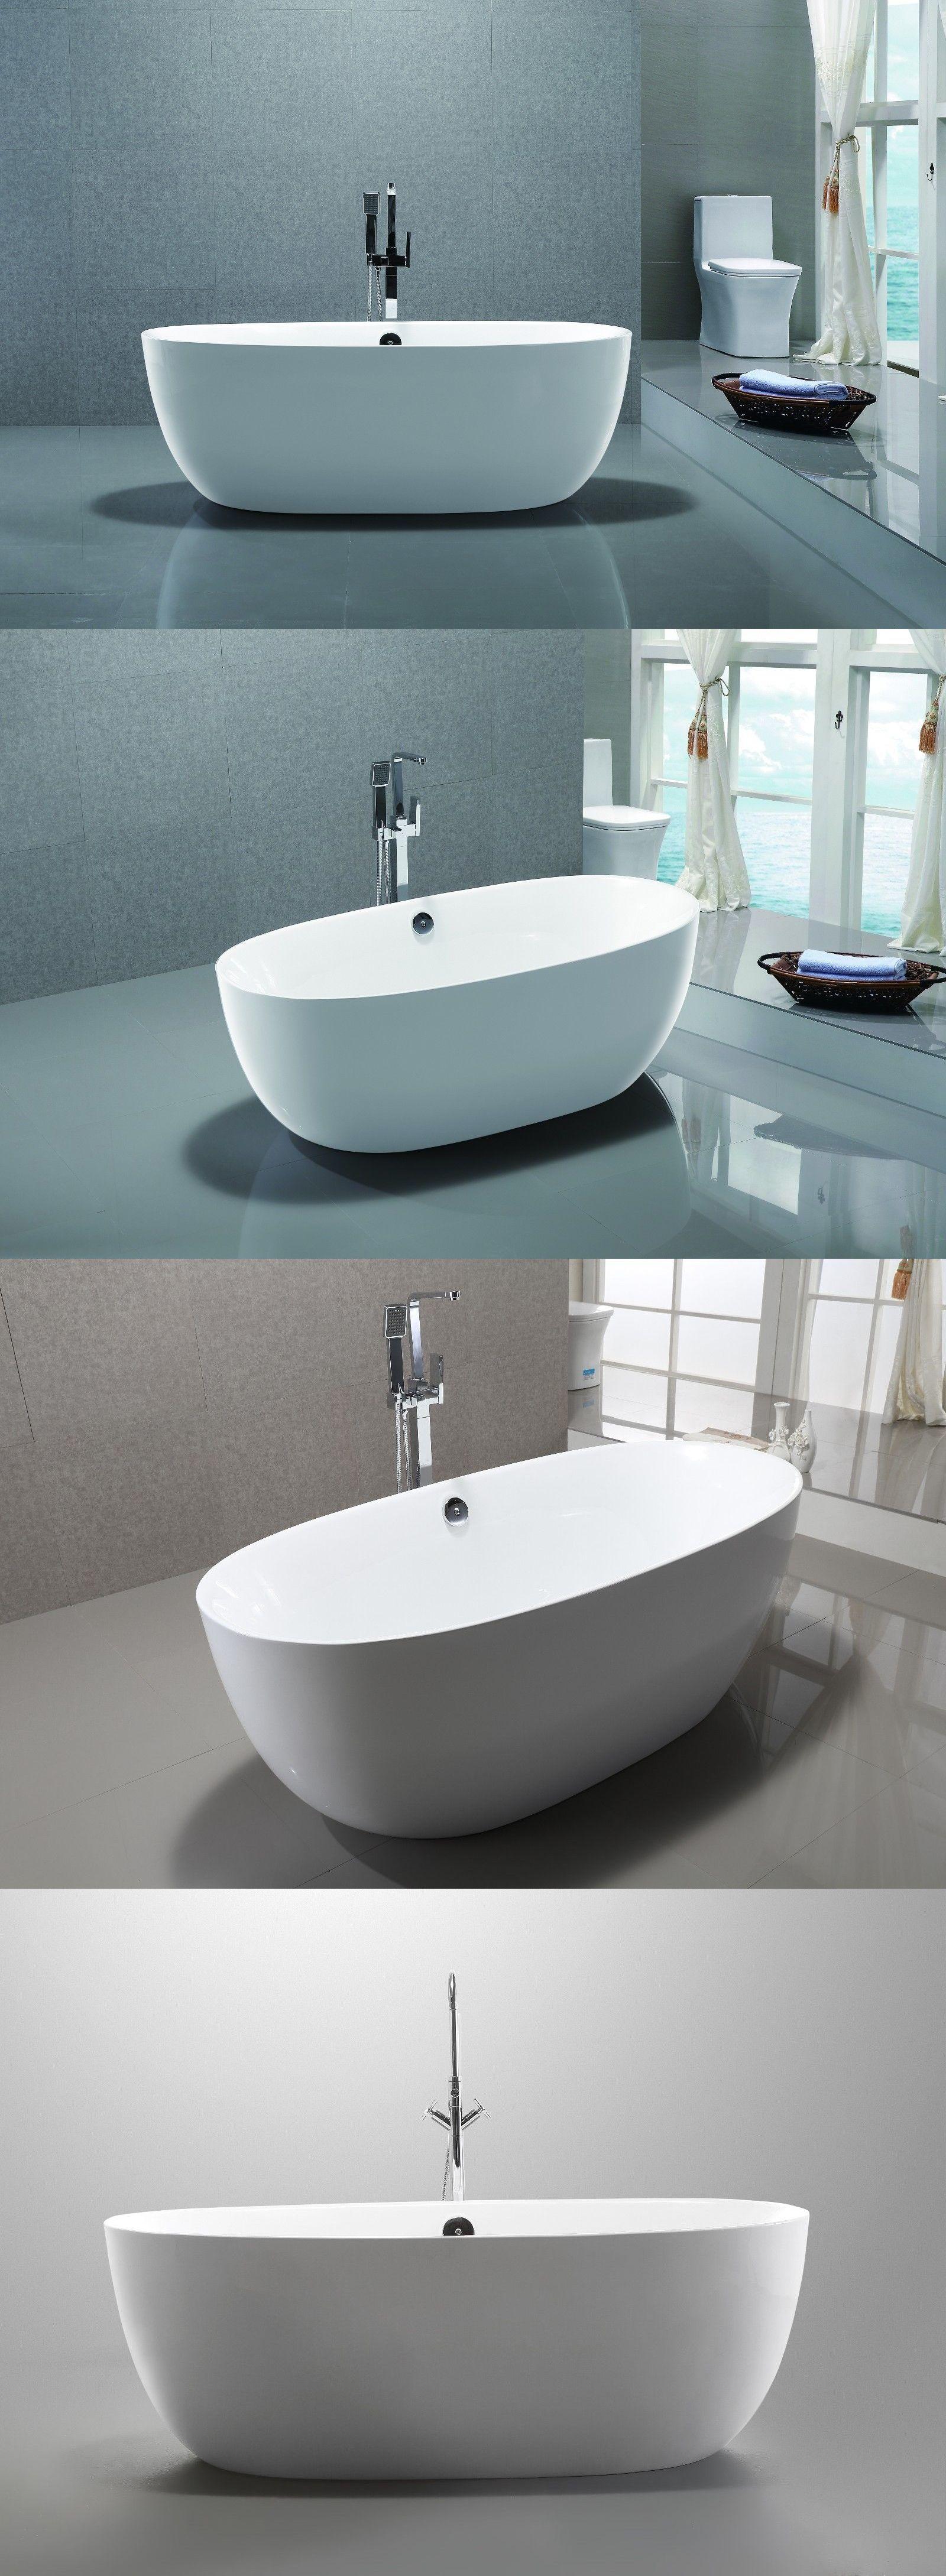 Bathtubs 42025: 67 Vanity Art Bathroom Free Standing Acrylic ...